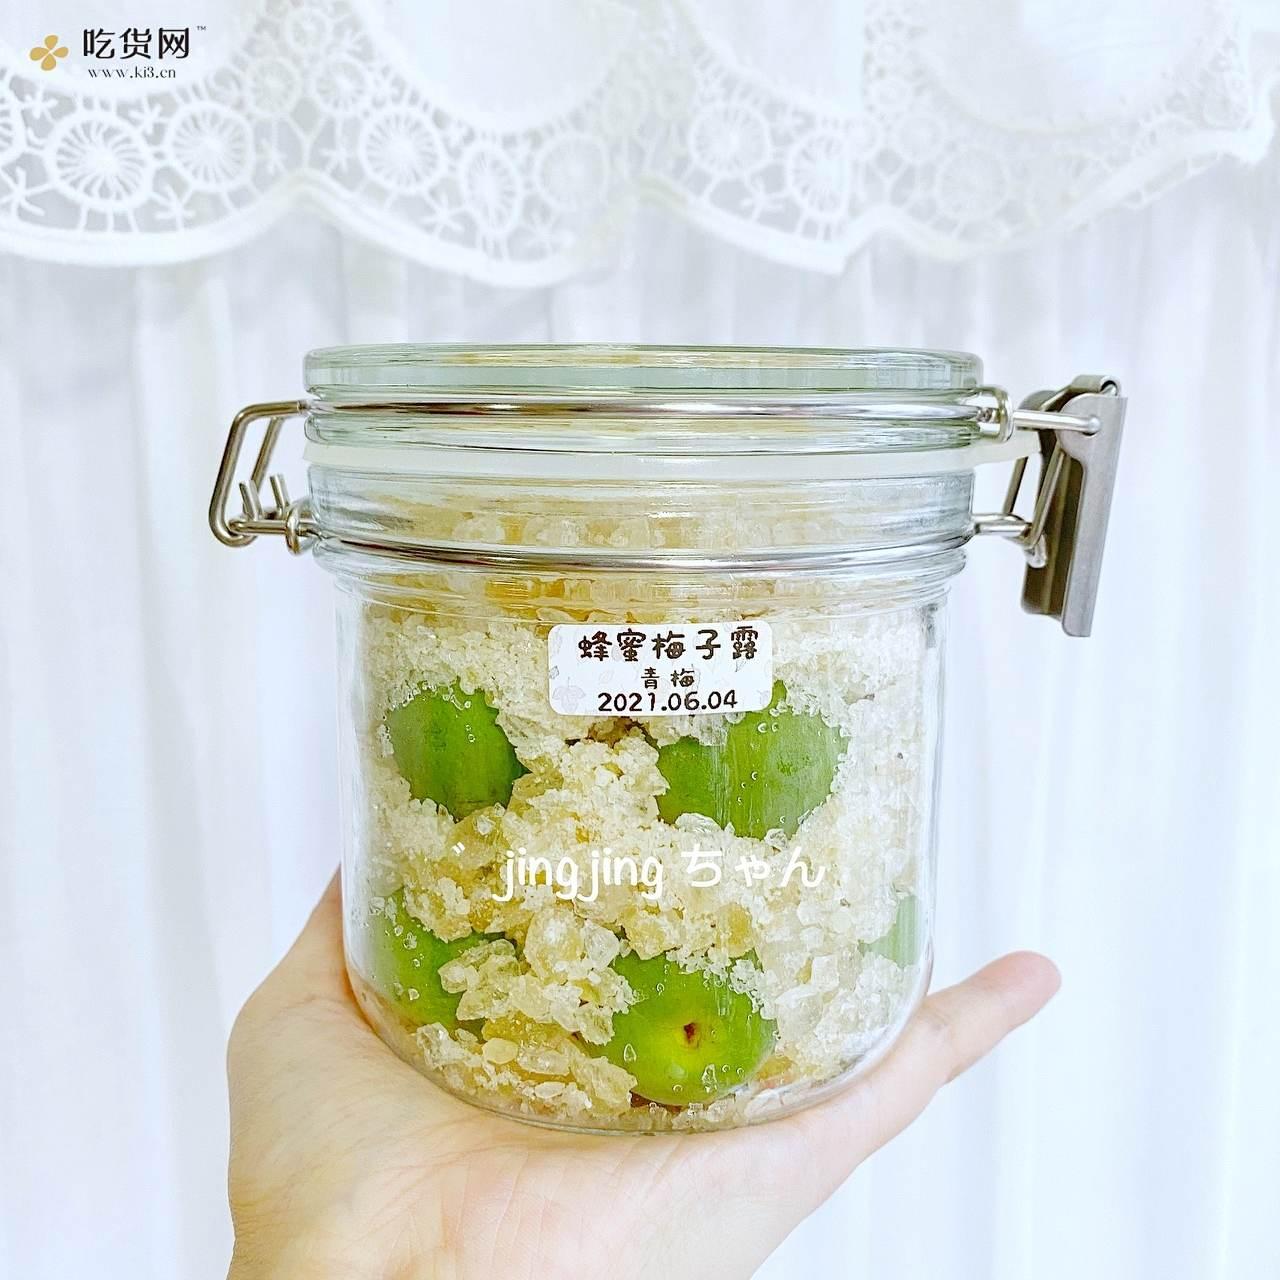 青梅&红梅▎蜂蜜梅子露&紫苏梅子露▎(超详细get②种)的做法 步骤8